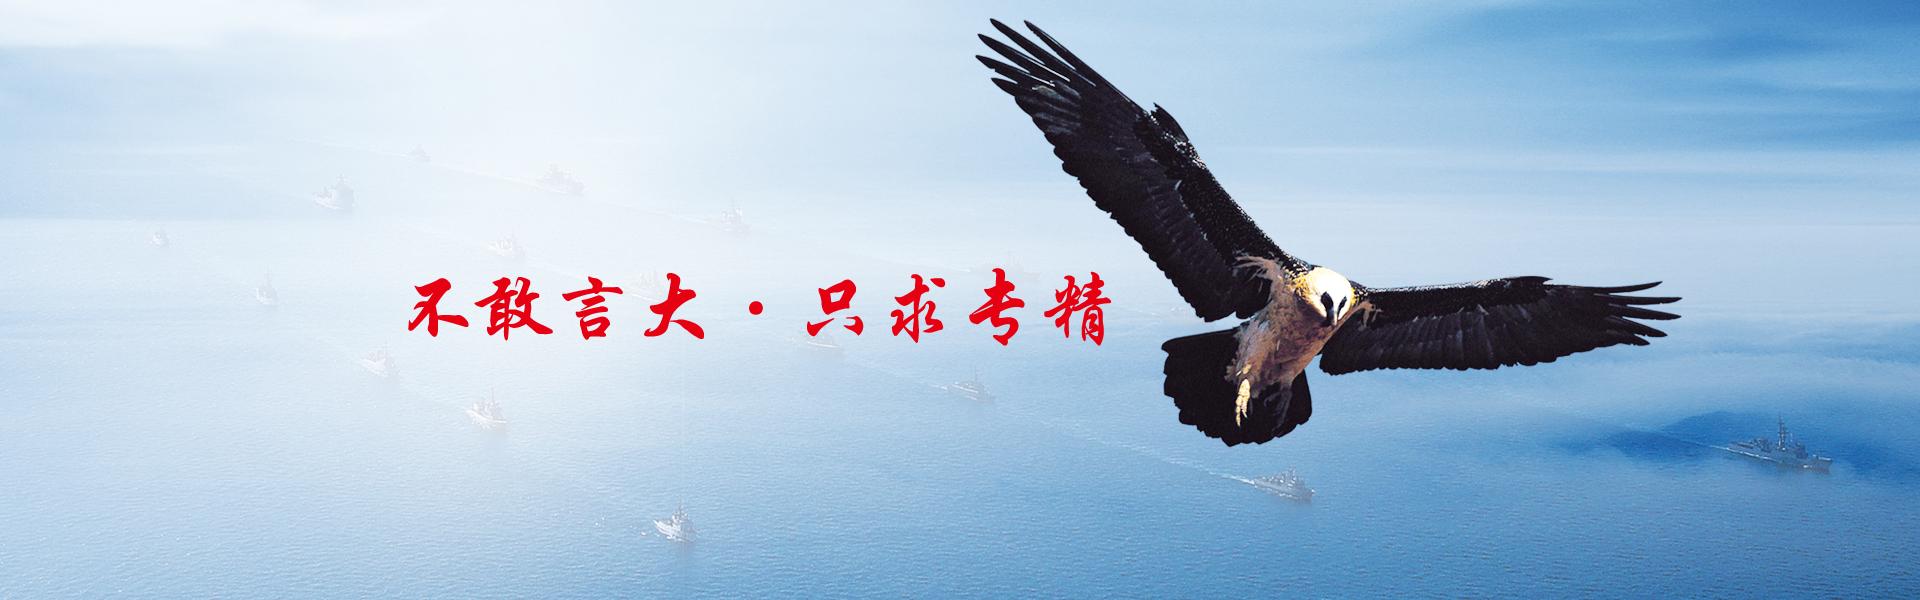 肇庆龙头电器科技股份有限公司创建于1991年1月,公司位于广东省肇庆市端州区信安大道沙湖工业区,厂房面积约2万平方米,年生产电机1500万台。